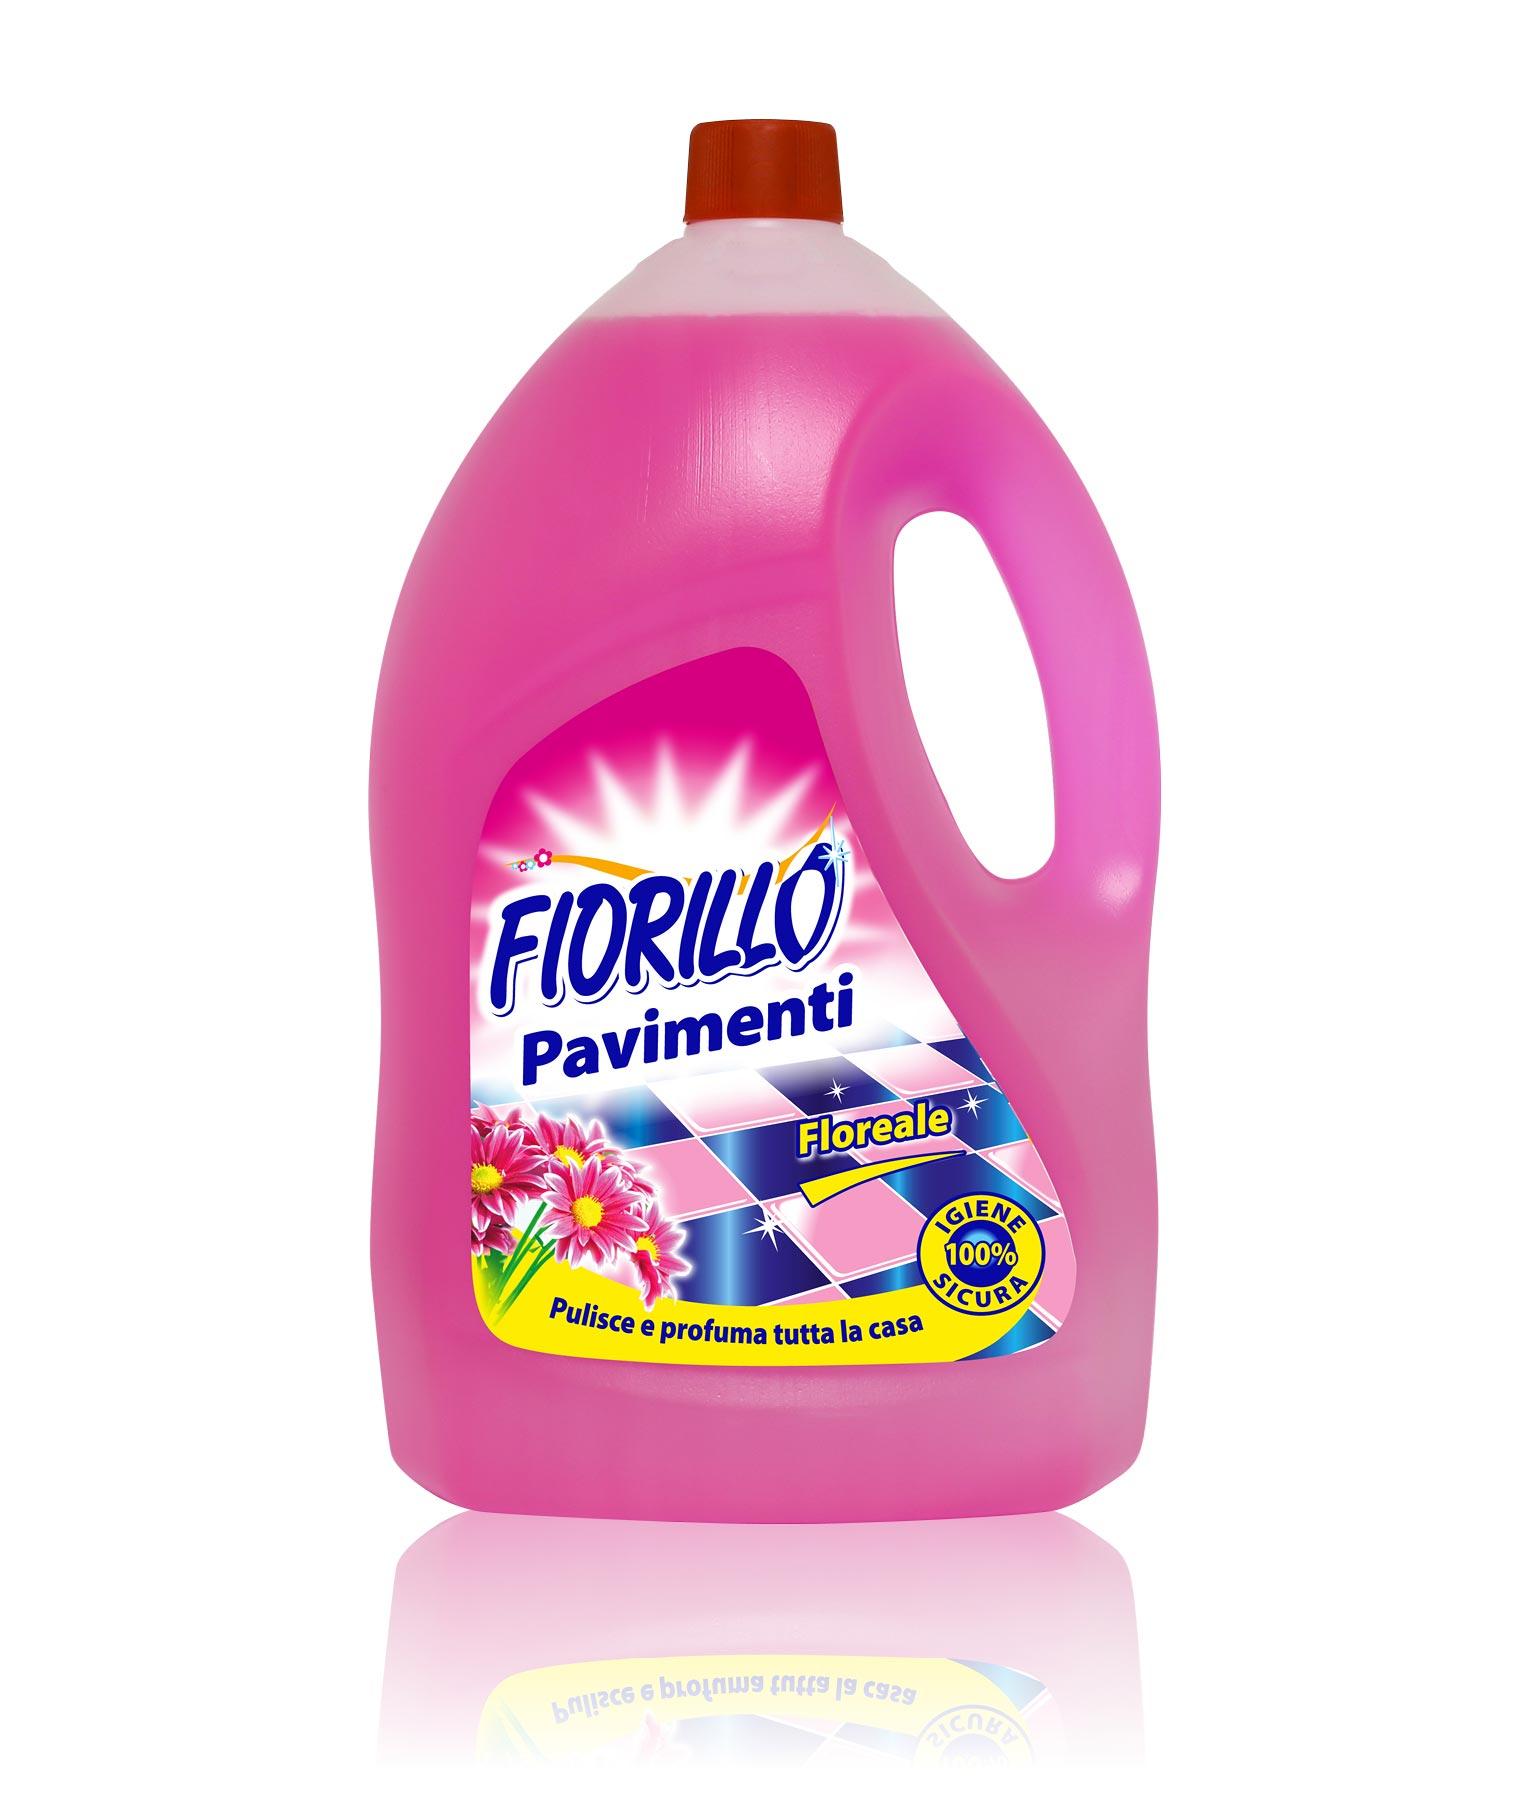 fiorillo detersivo per pavimenti floreale 4lt